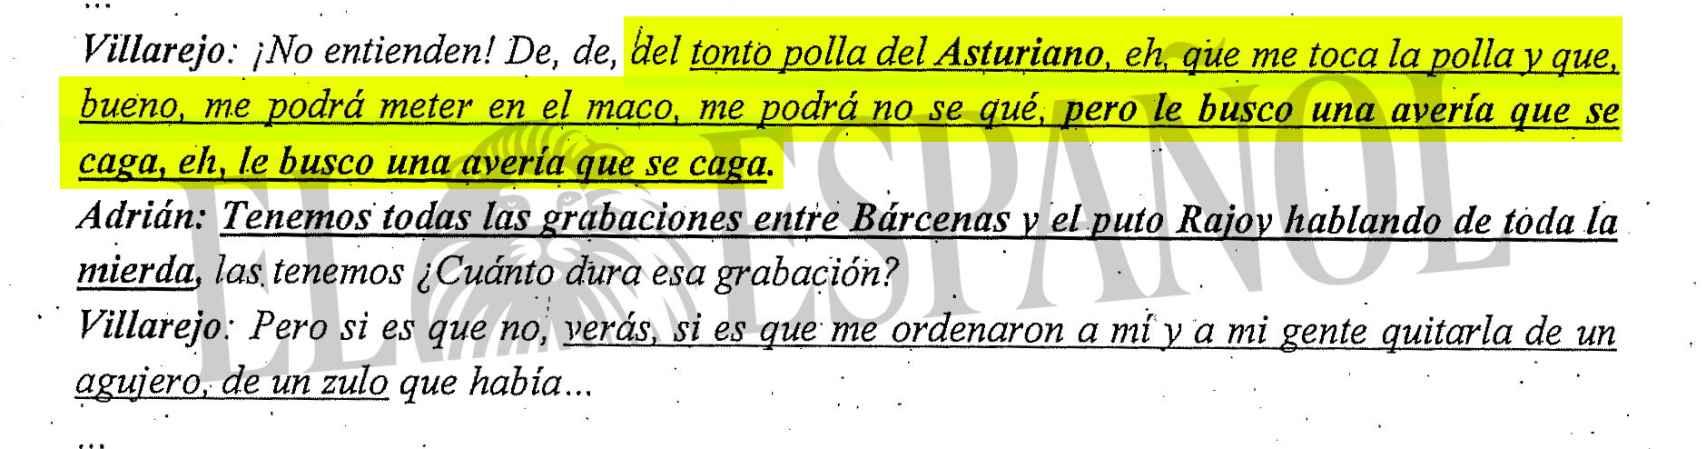 Villarejo empleaba el término 'Asturiano' en referencia a Rajoy.